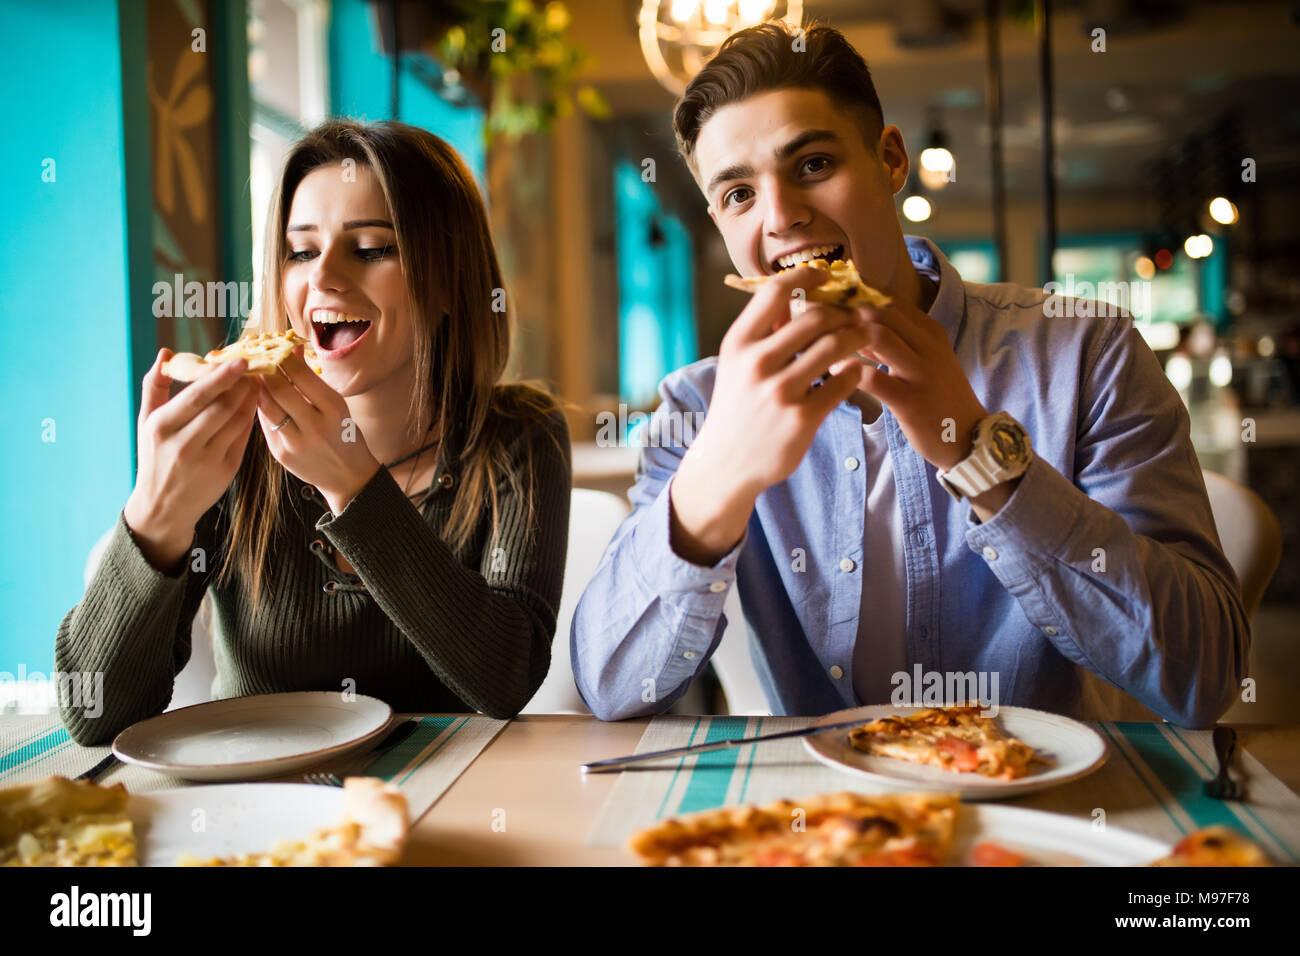 Schließen Sie herauf Foto der jungen Paare genießen in Pizza, zusammen Spaß zu haben. Konsum, Nahrung, Lifestyle Konzept Stockbild